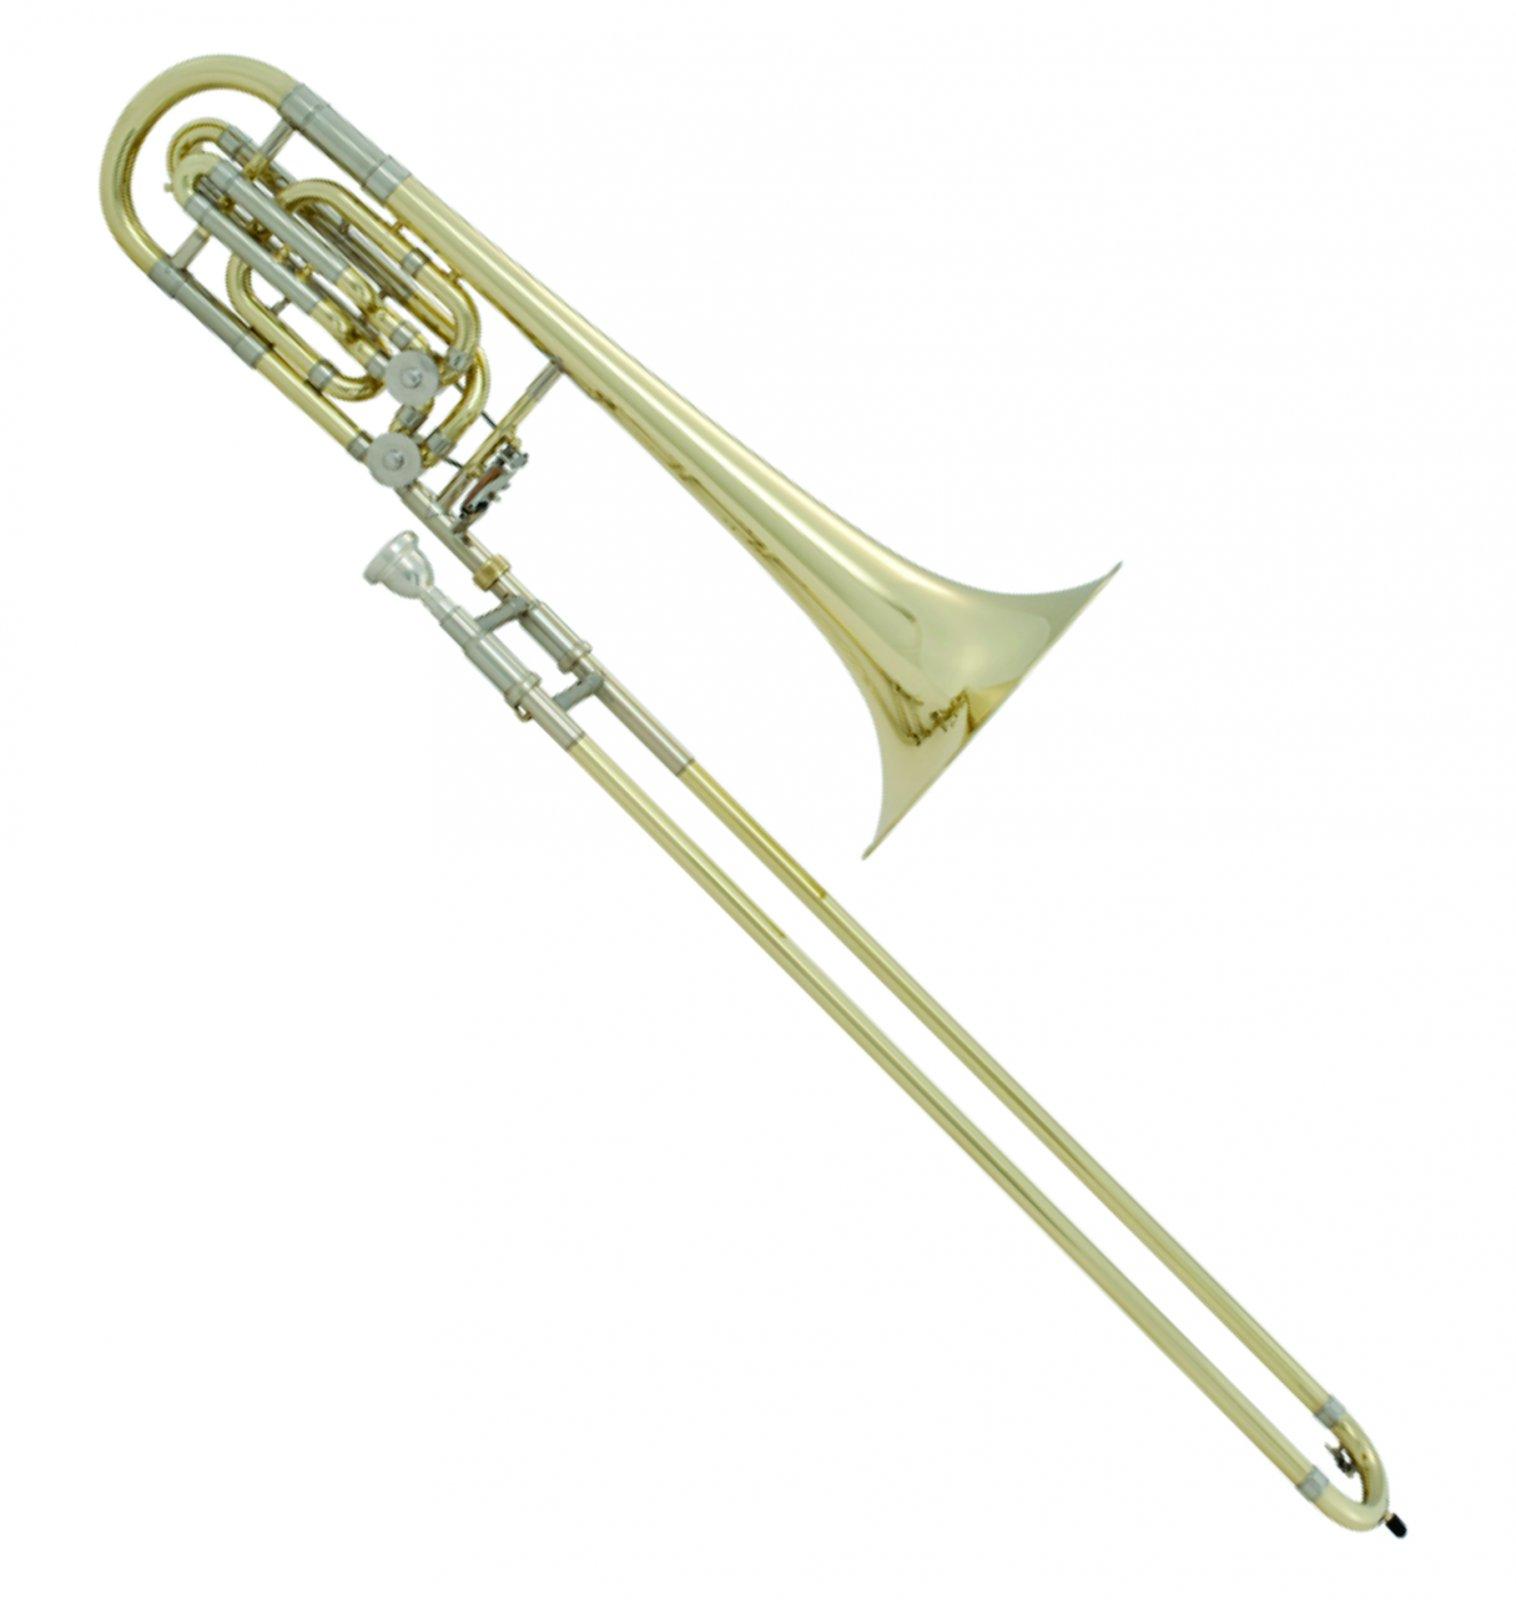 BACH 50B2 Professional Bass Trombone